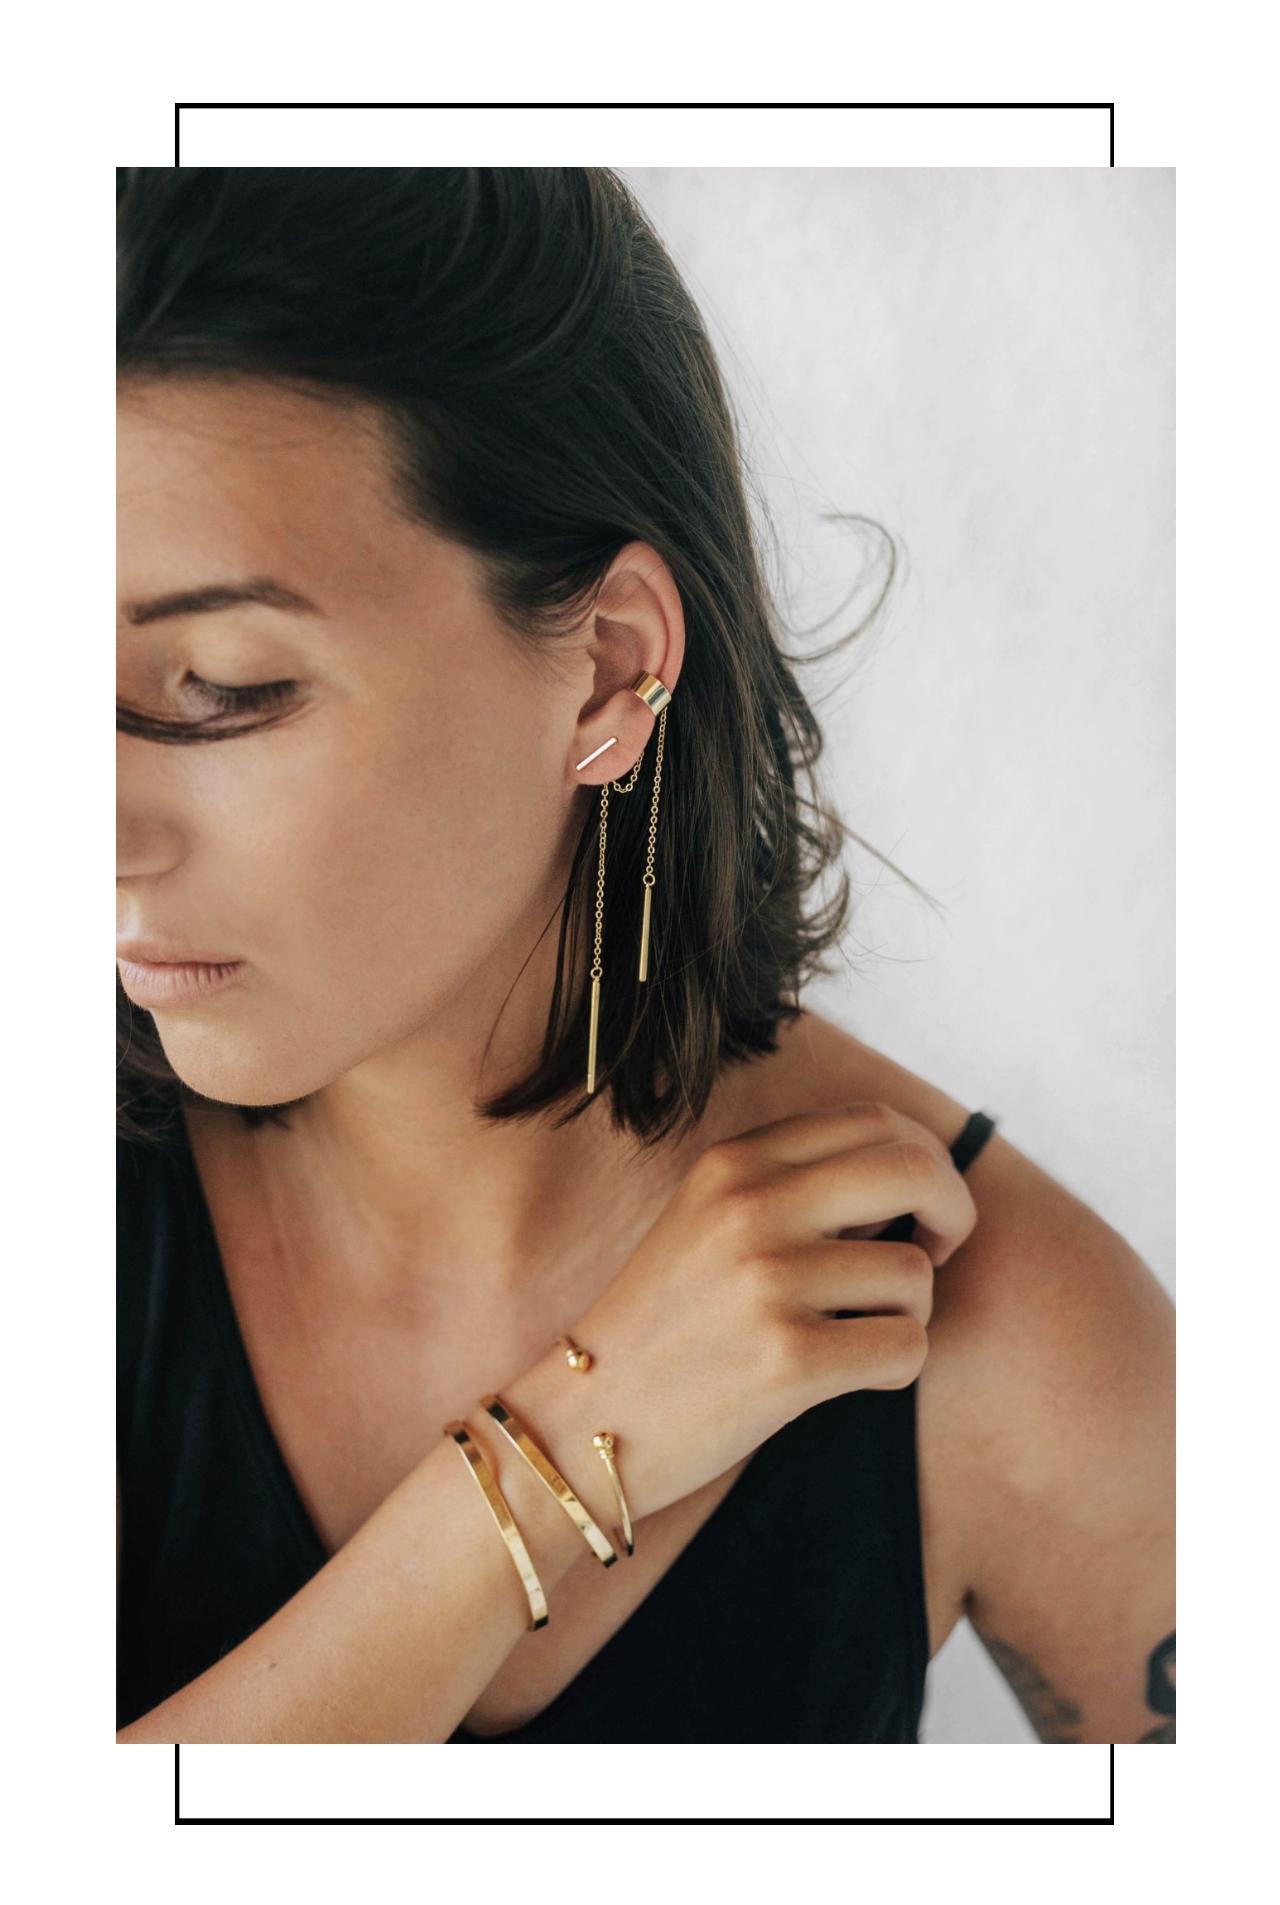 dünne Armbänder für Damen Madeleine Issing